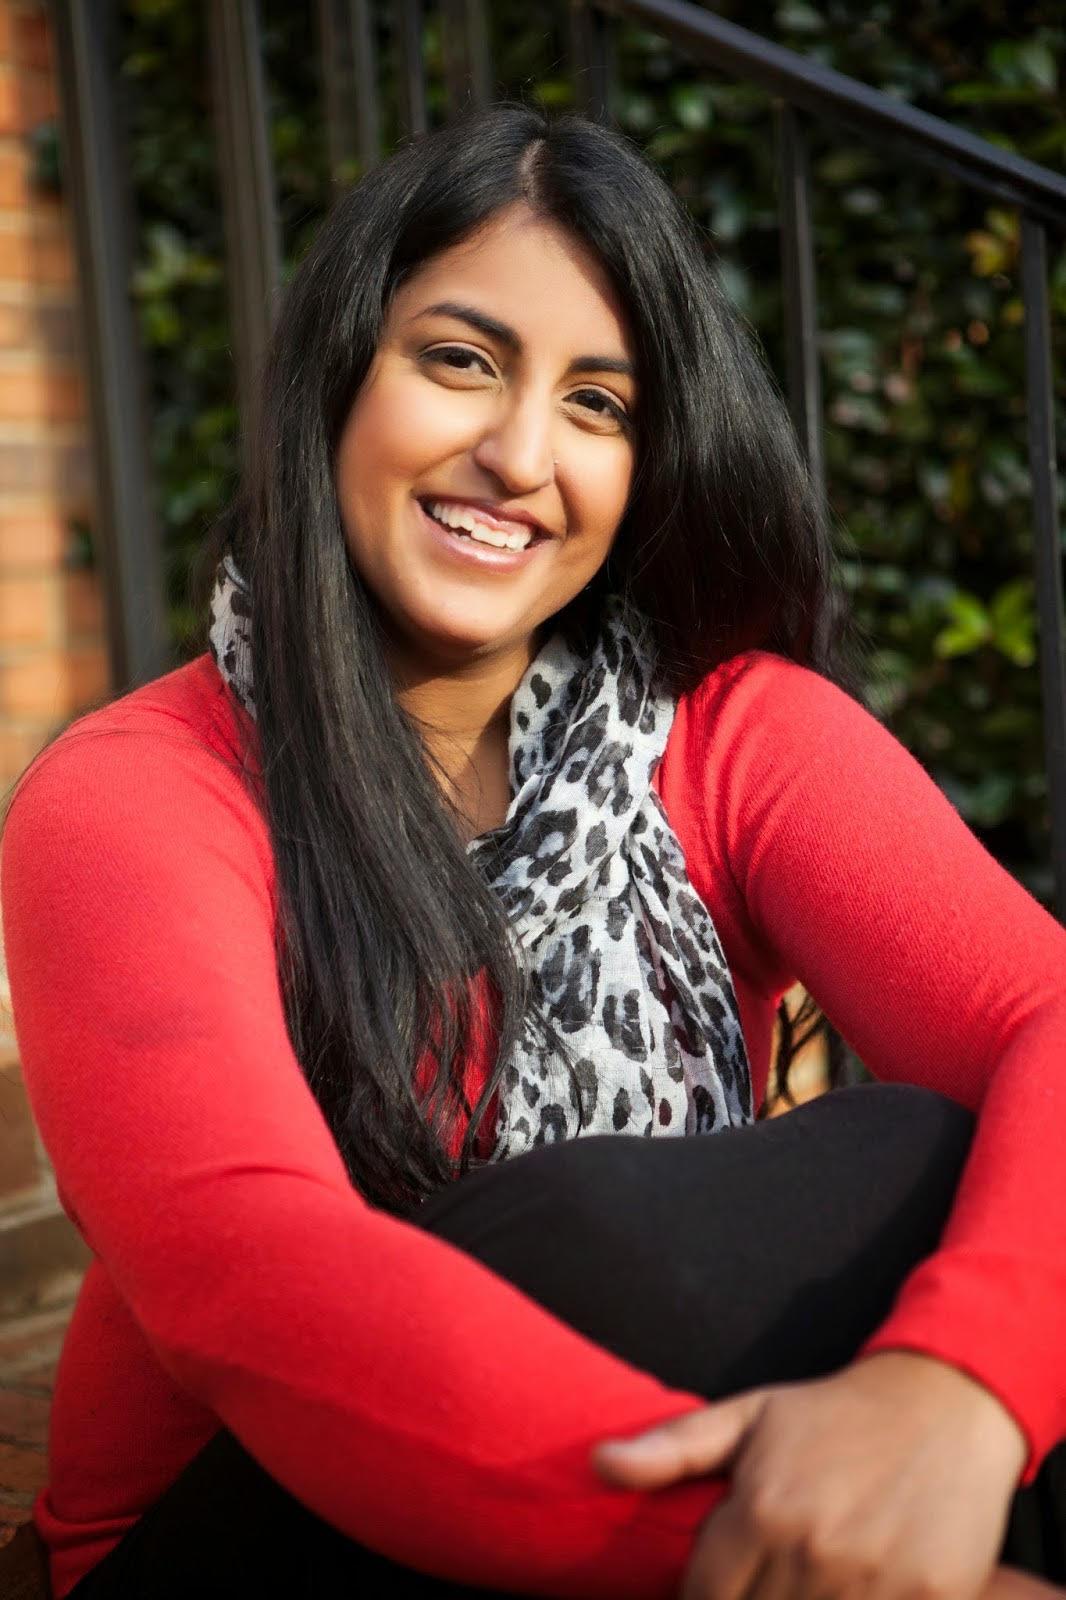 Aisha Saeed